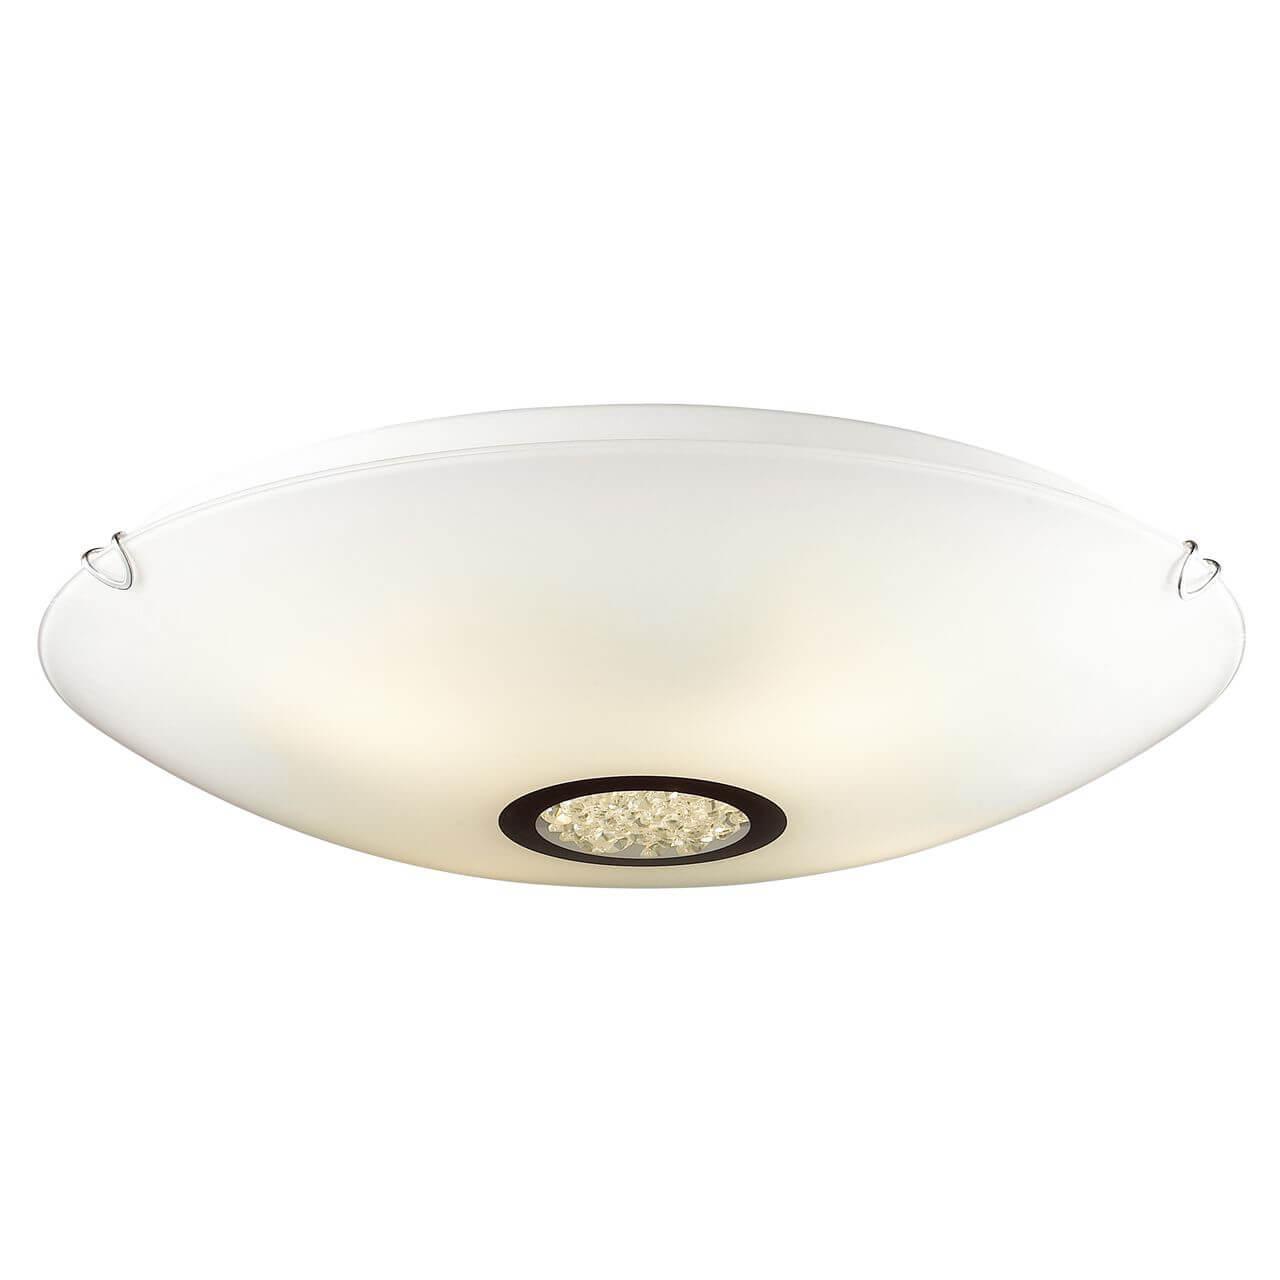 Потолочный светильник Favourite 1694-4C, белый потолочный светильник favourite sibua 1713 4c